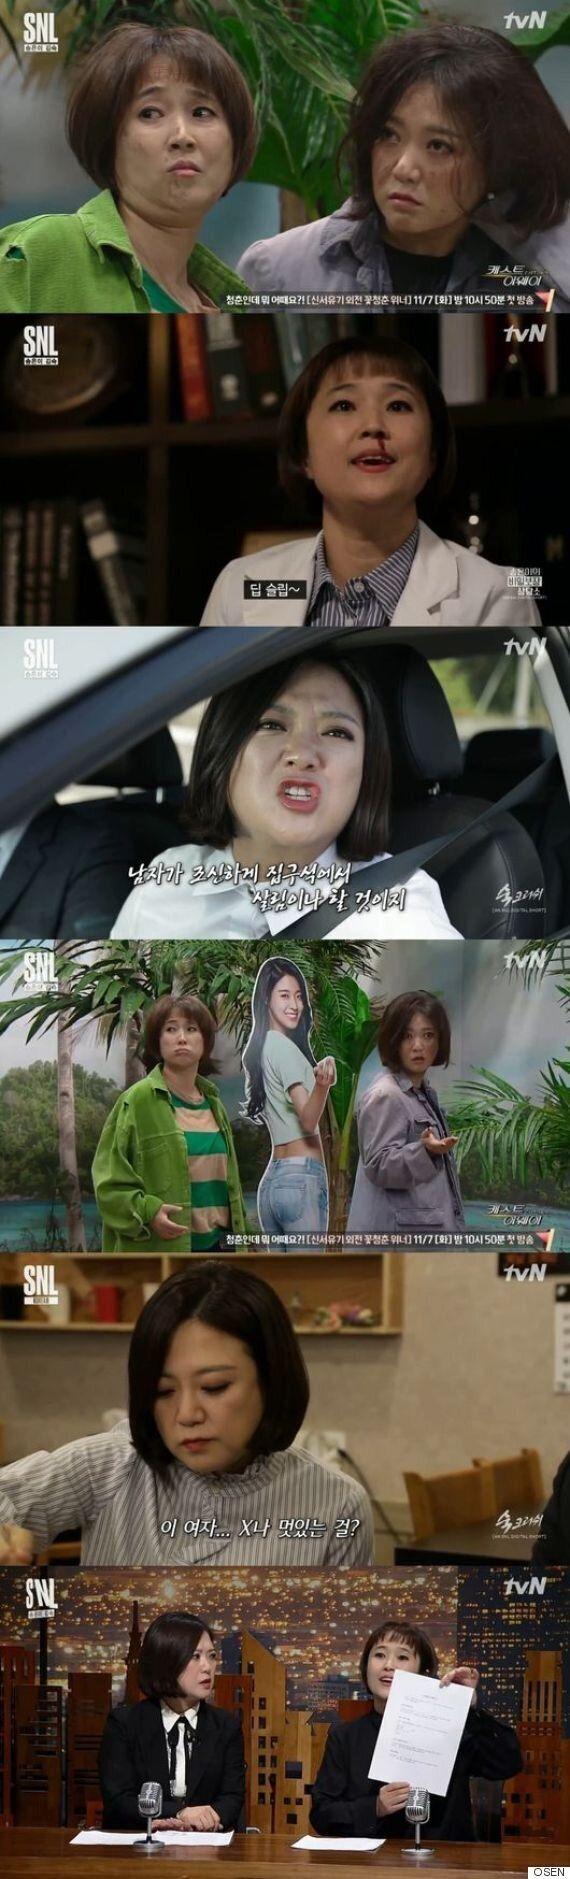 [어저께TV] 'SNL9' 송은이x김숙, 언니들은 女 예능인의